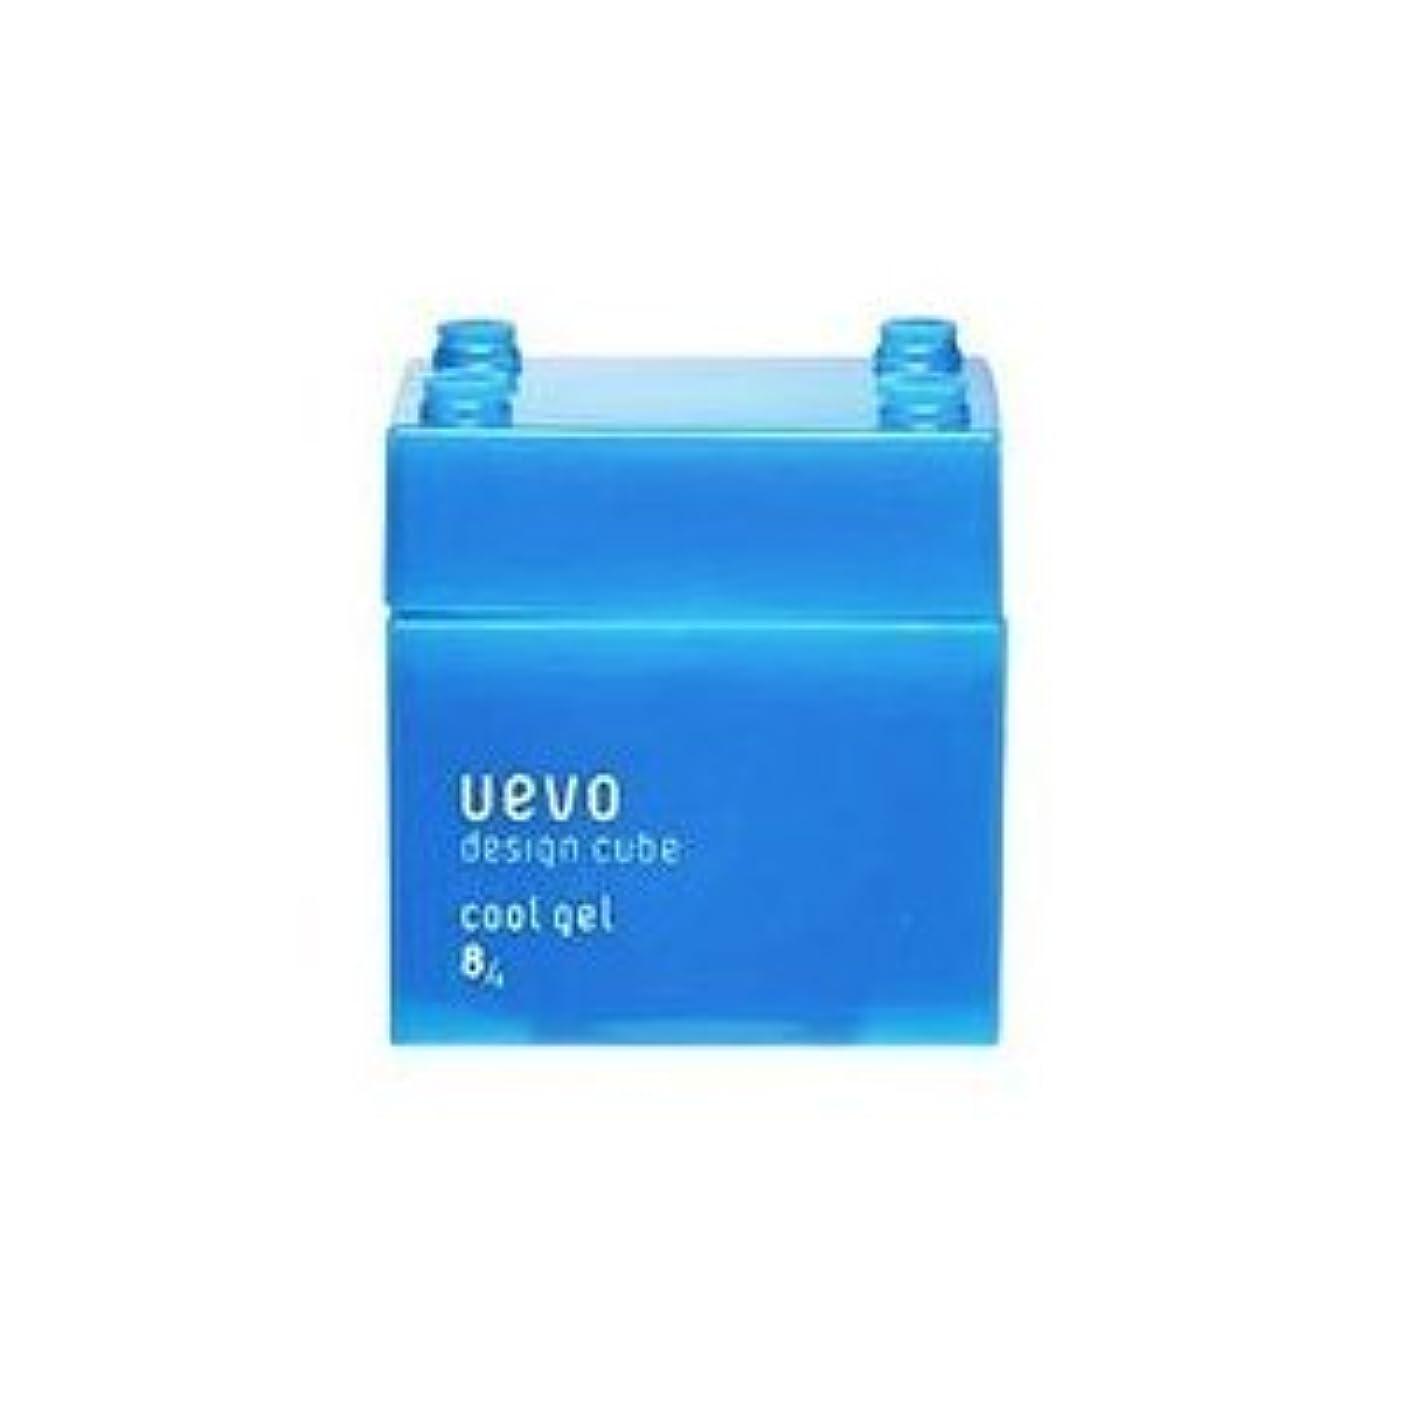 小屋磁気医学【X3個セット】 デミ ウェーボ デザインキューブ クールジェル 80g cool gel DEMI uevo design cube